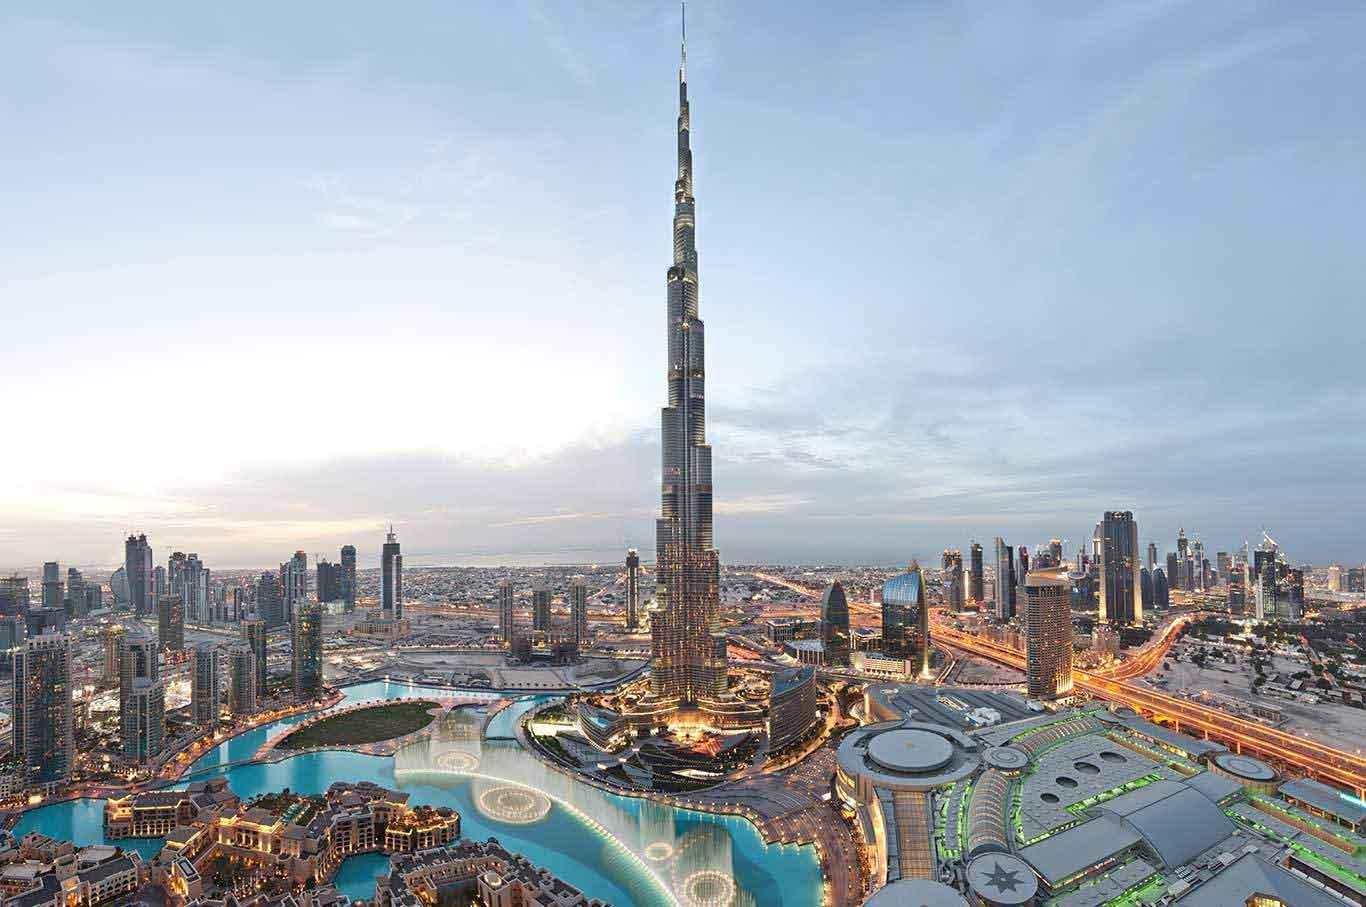 تقرير كامل عن فندق فورتيون بارك دبي